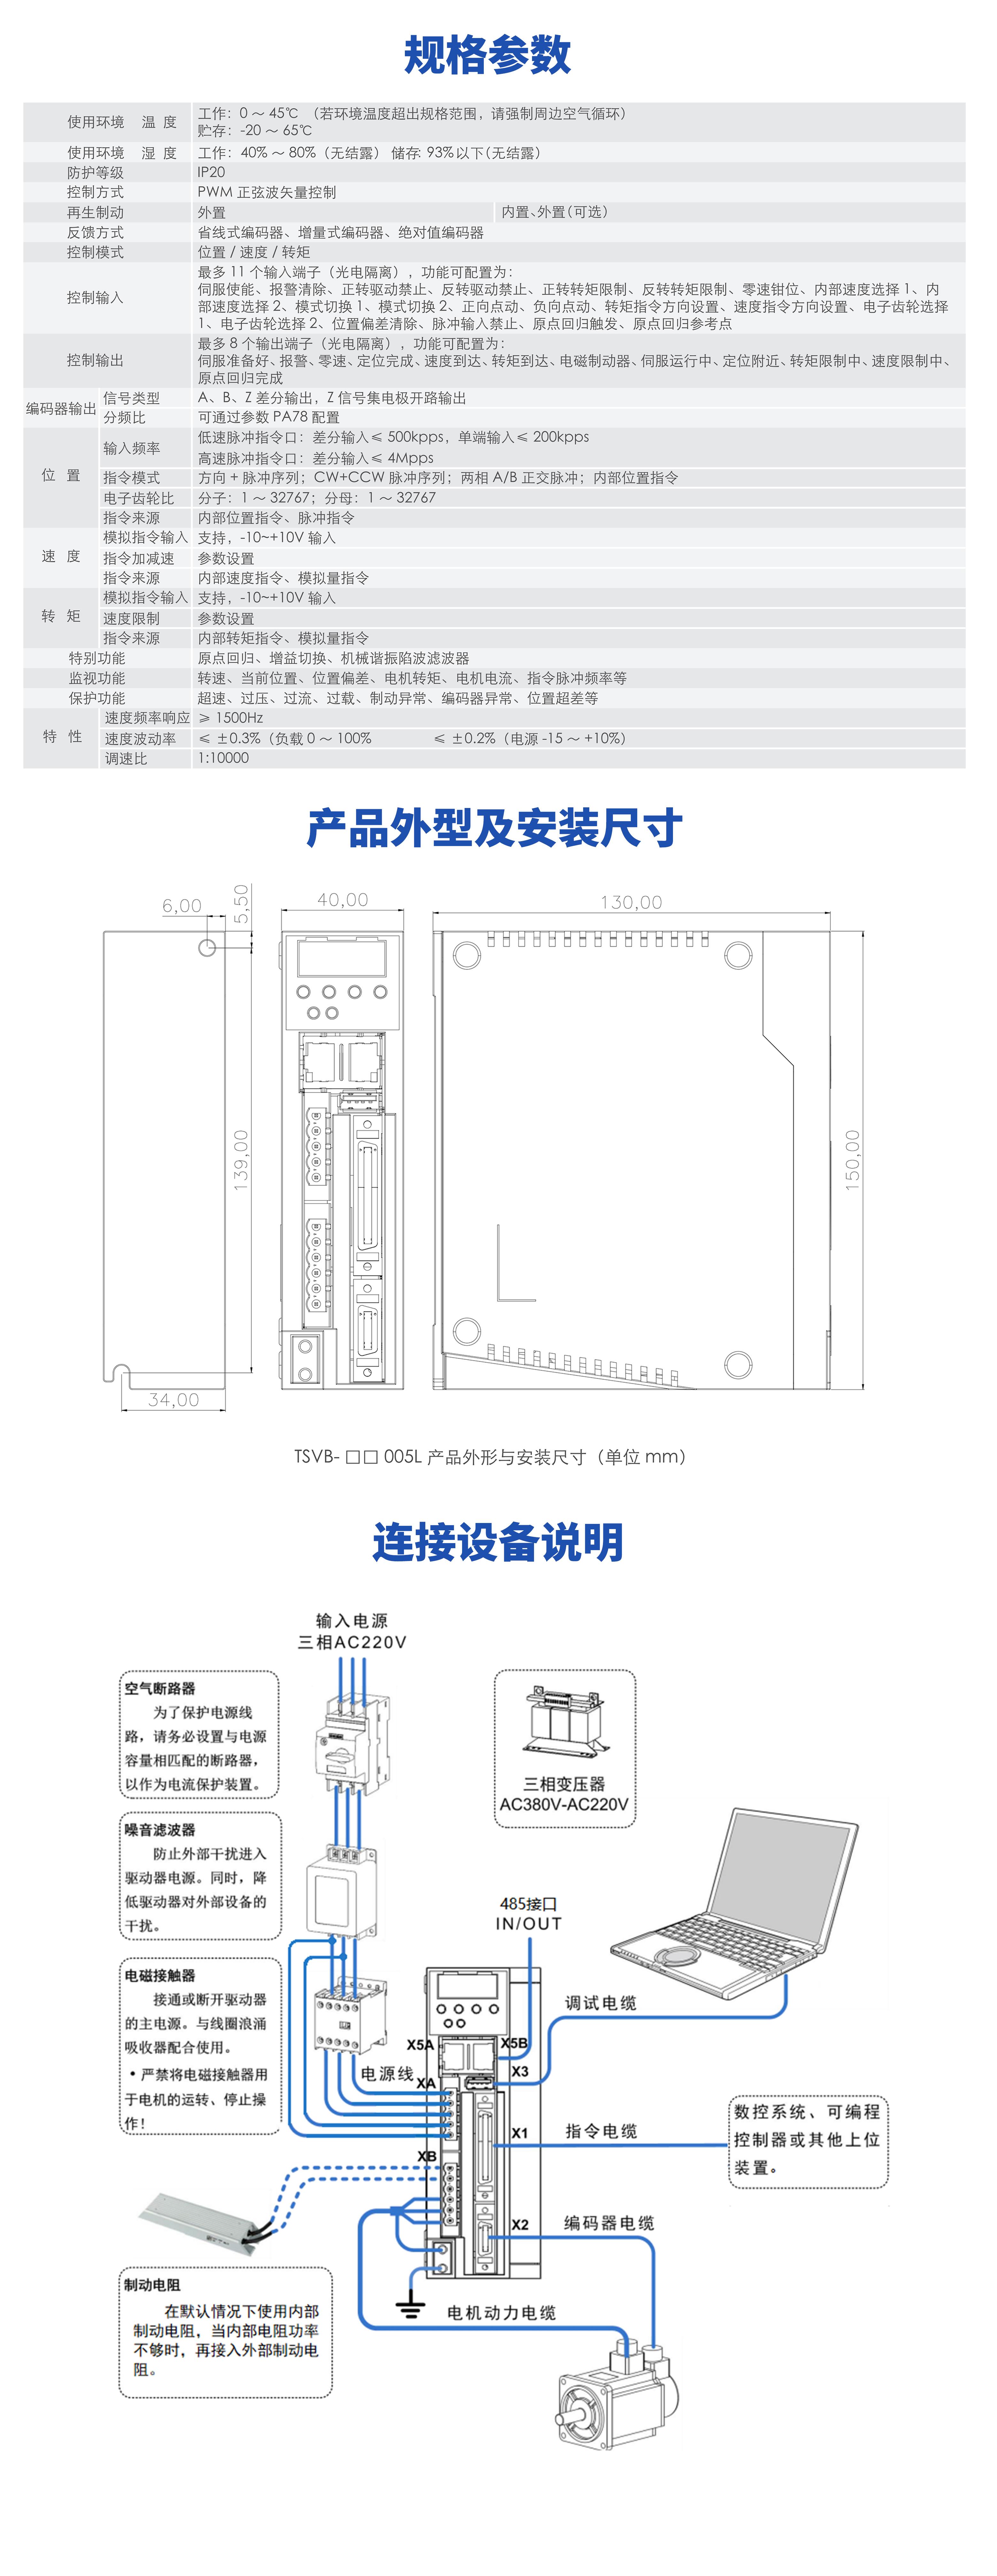 PA模板-005-2.jpg